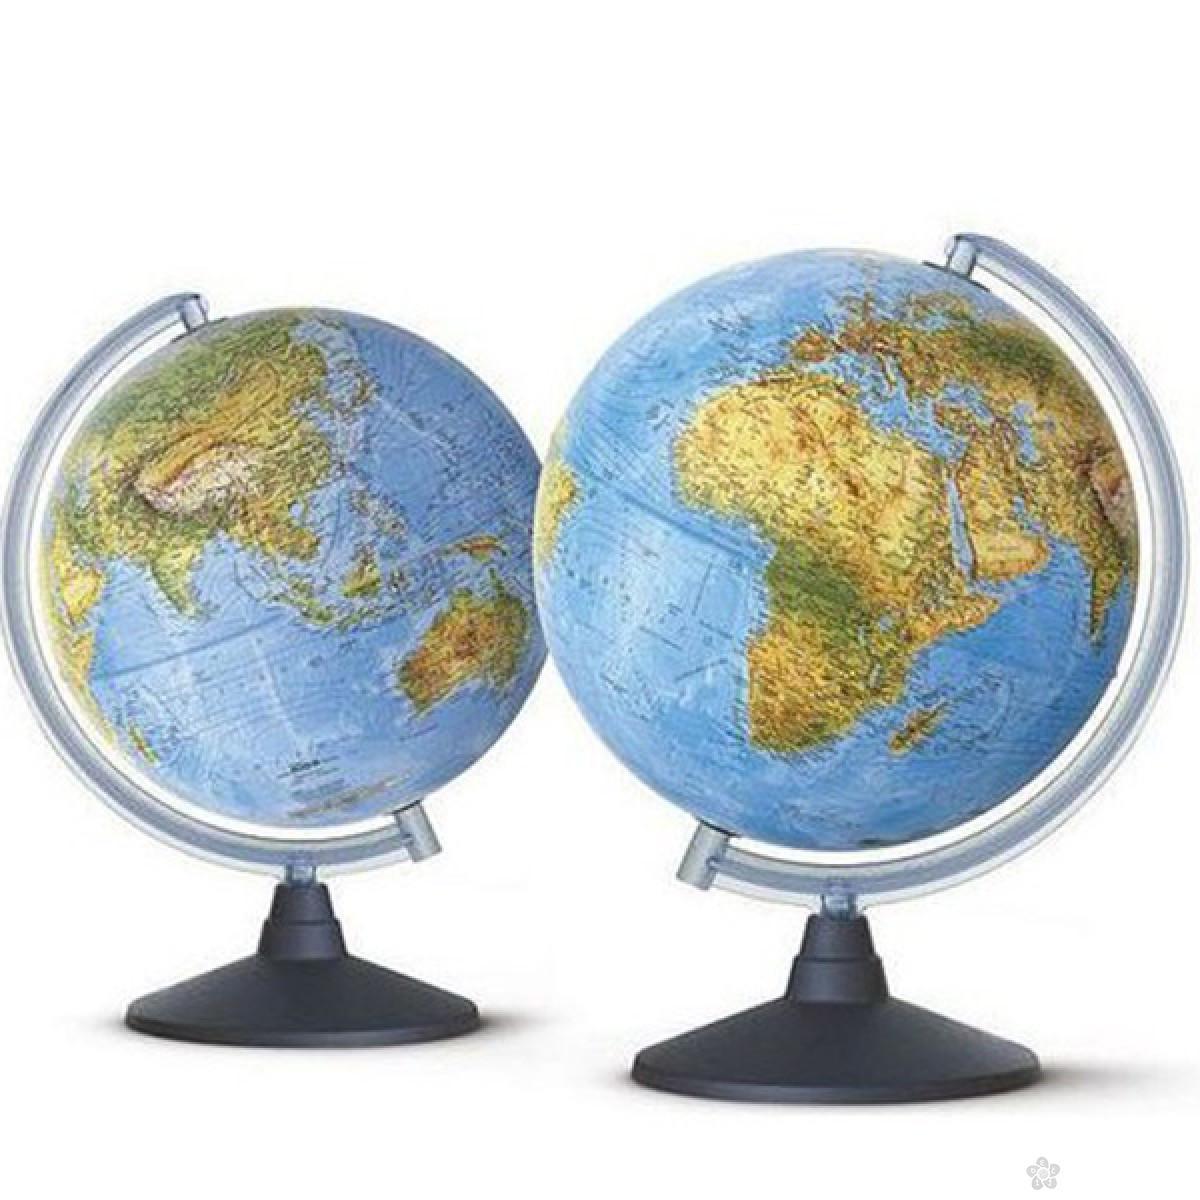 Globus lampa F25 svetleći 600008